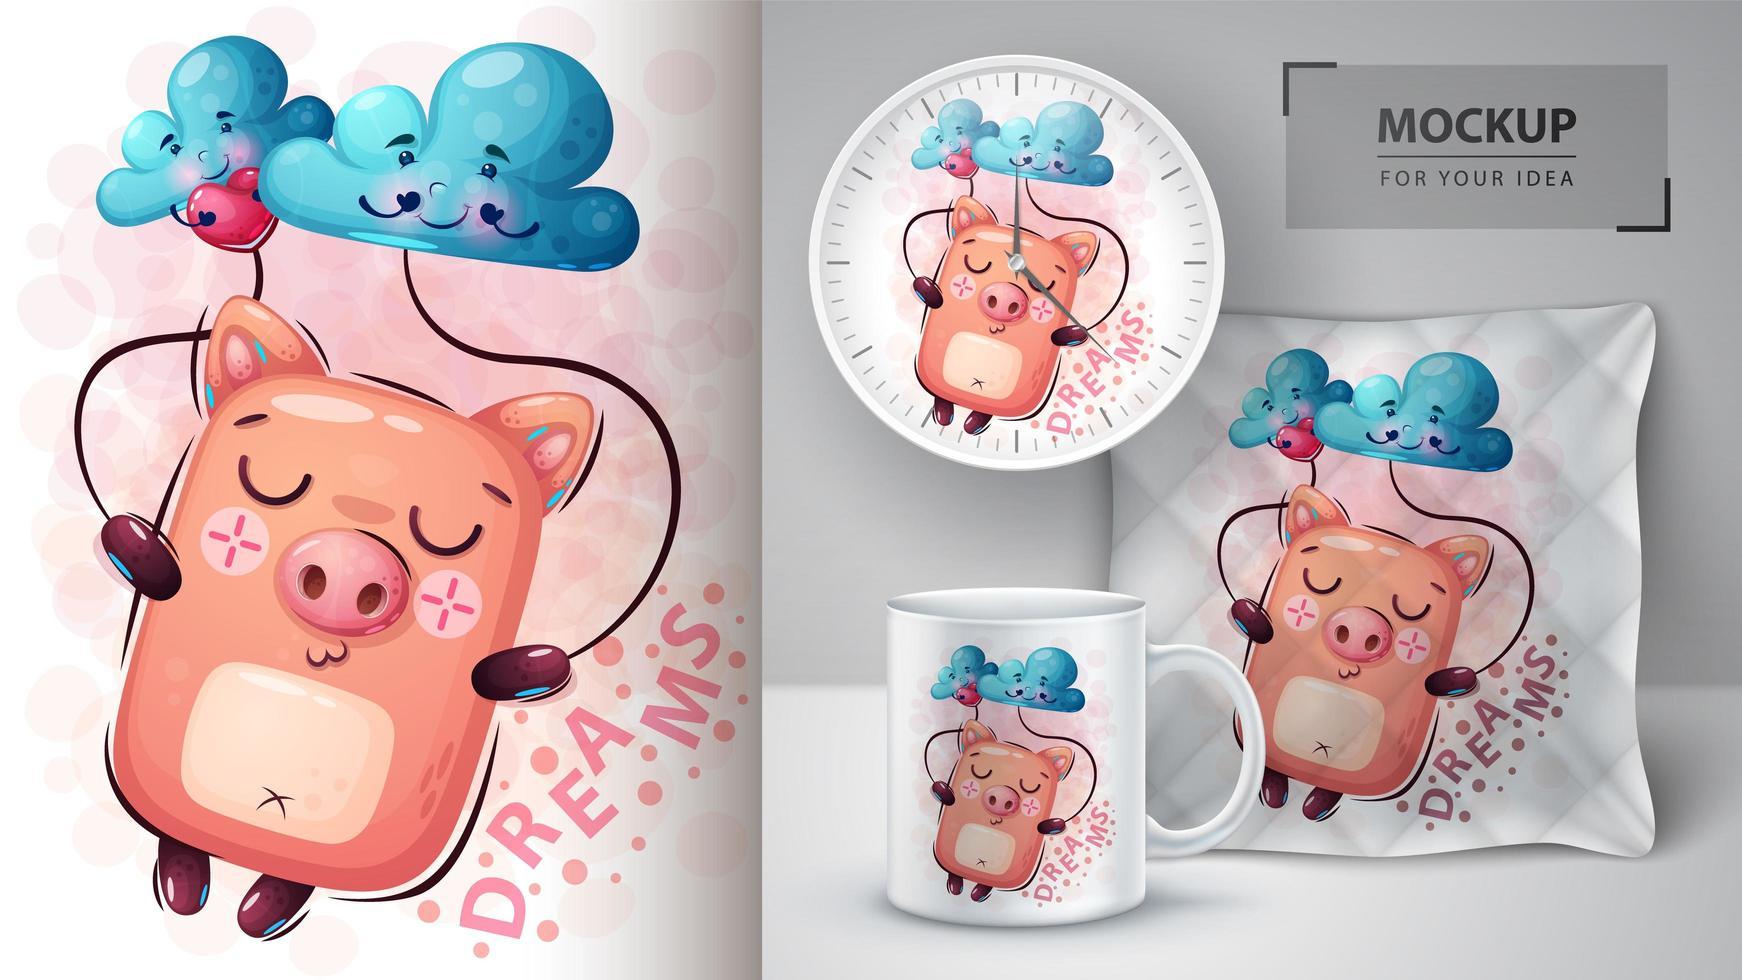 conception de rêves de cochon dessin animé vecteur